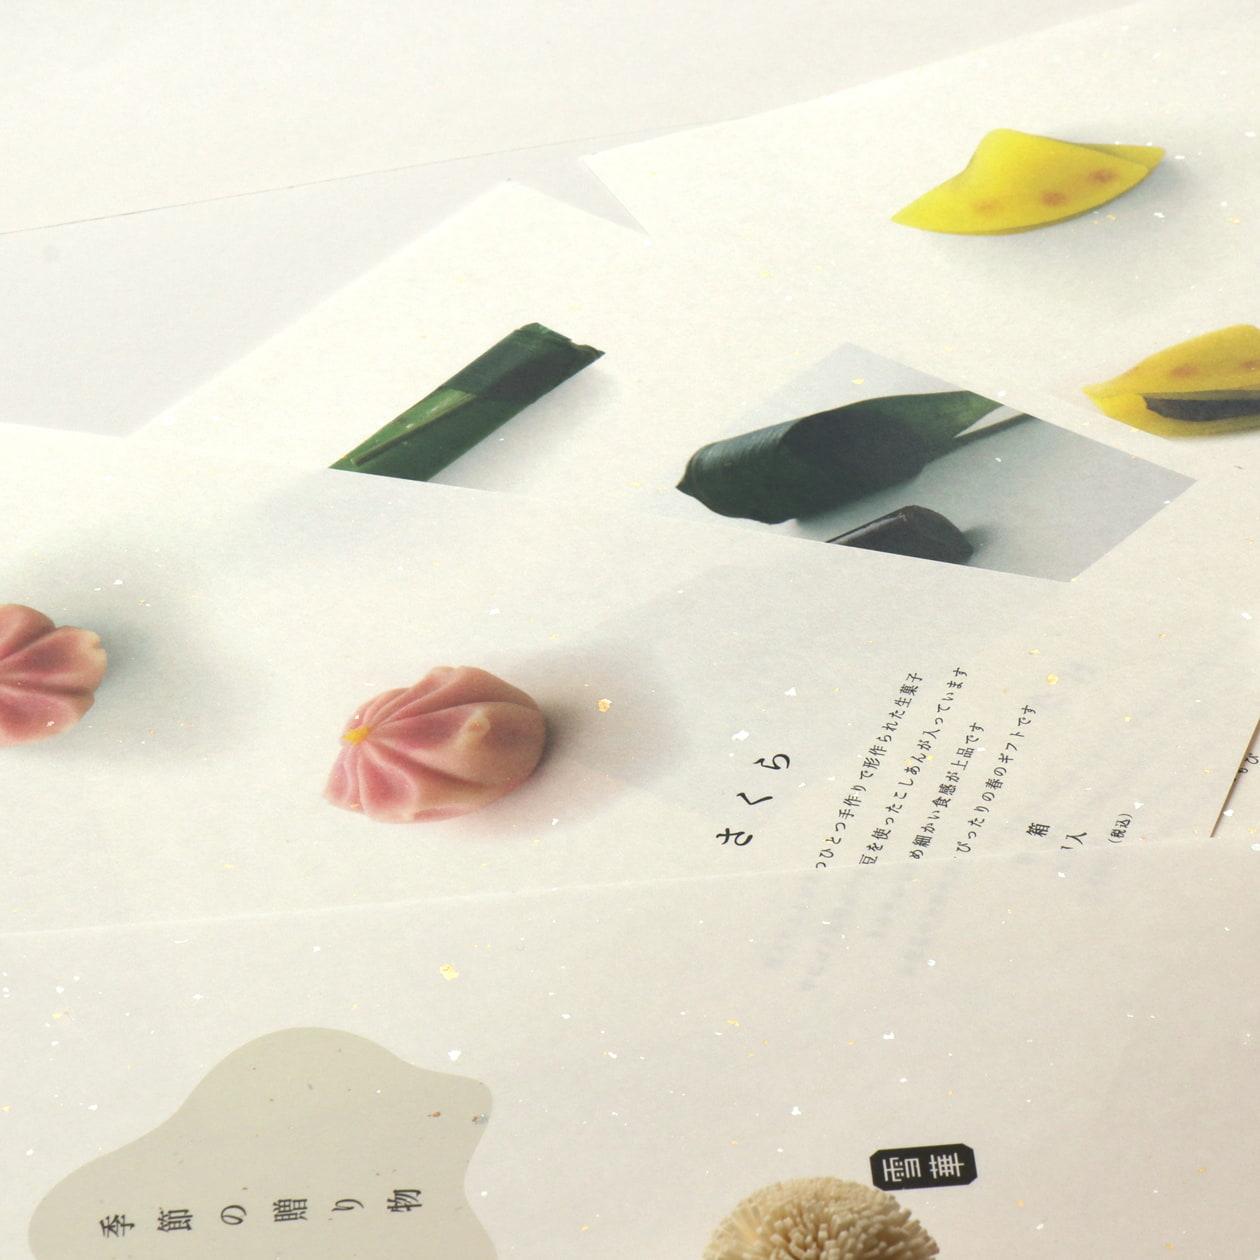 和菓子店のギフトカタログ用フォルダー